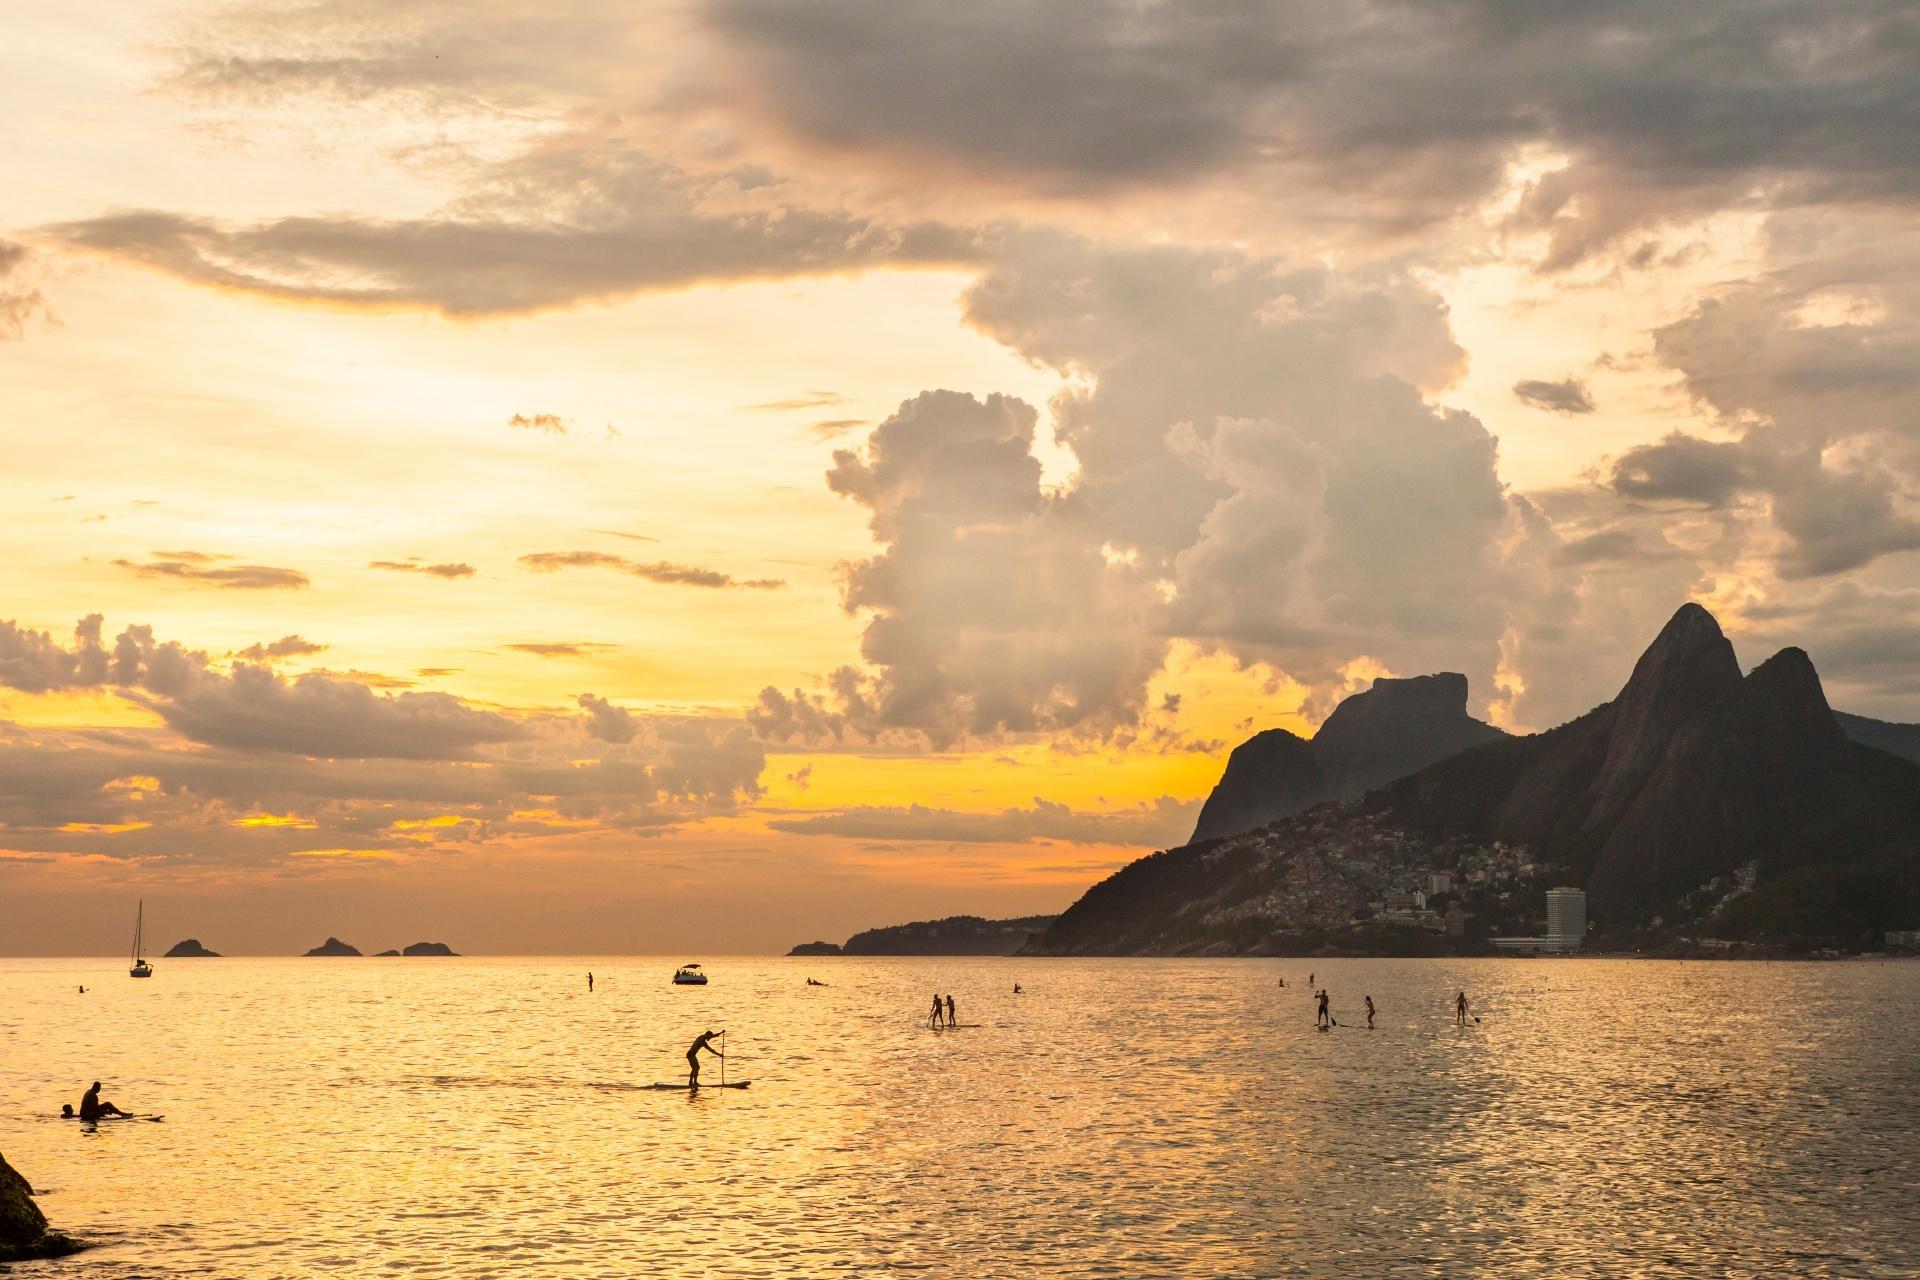 夕暮れのイパネマビーチ ブラジルの風景